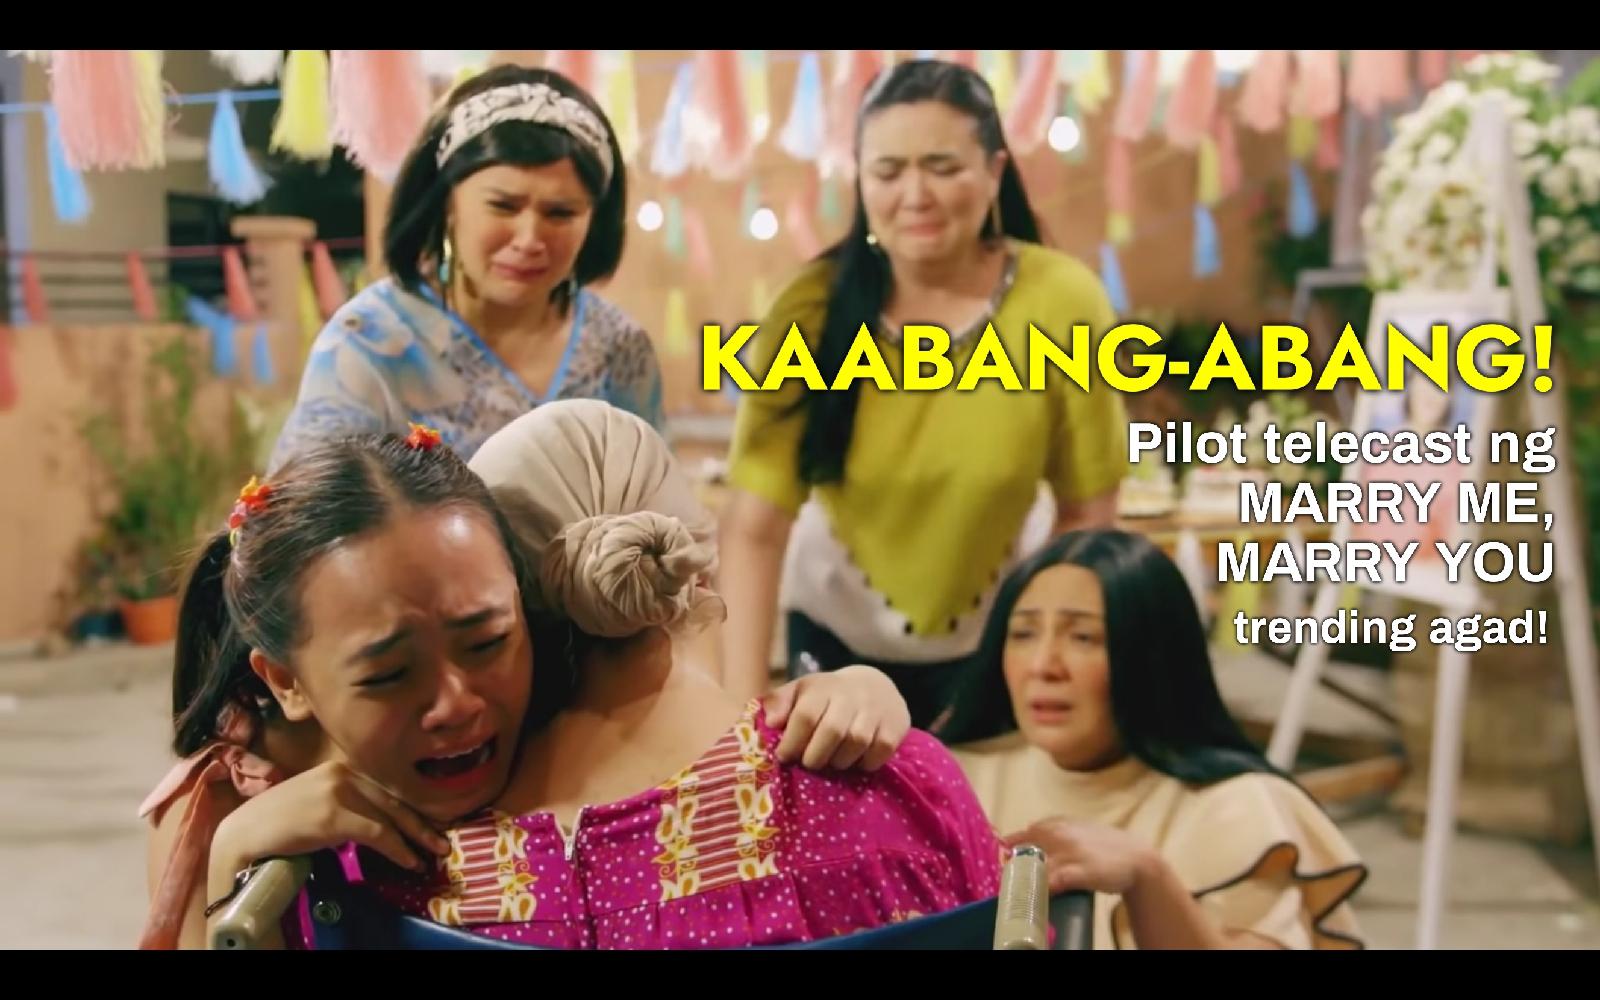 """KAABANG-ABANG! Pilot telecast ng """"Marry Me, Marry You"""", trending agad!"""